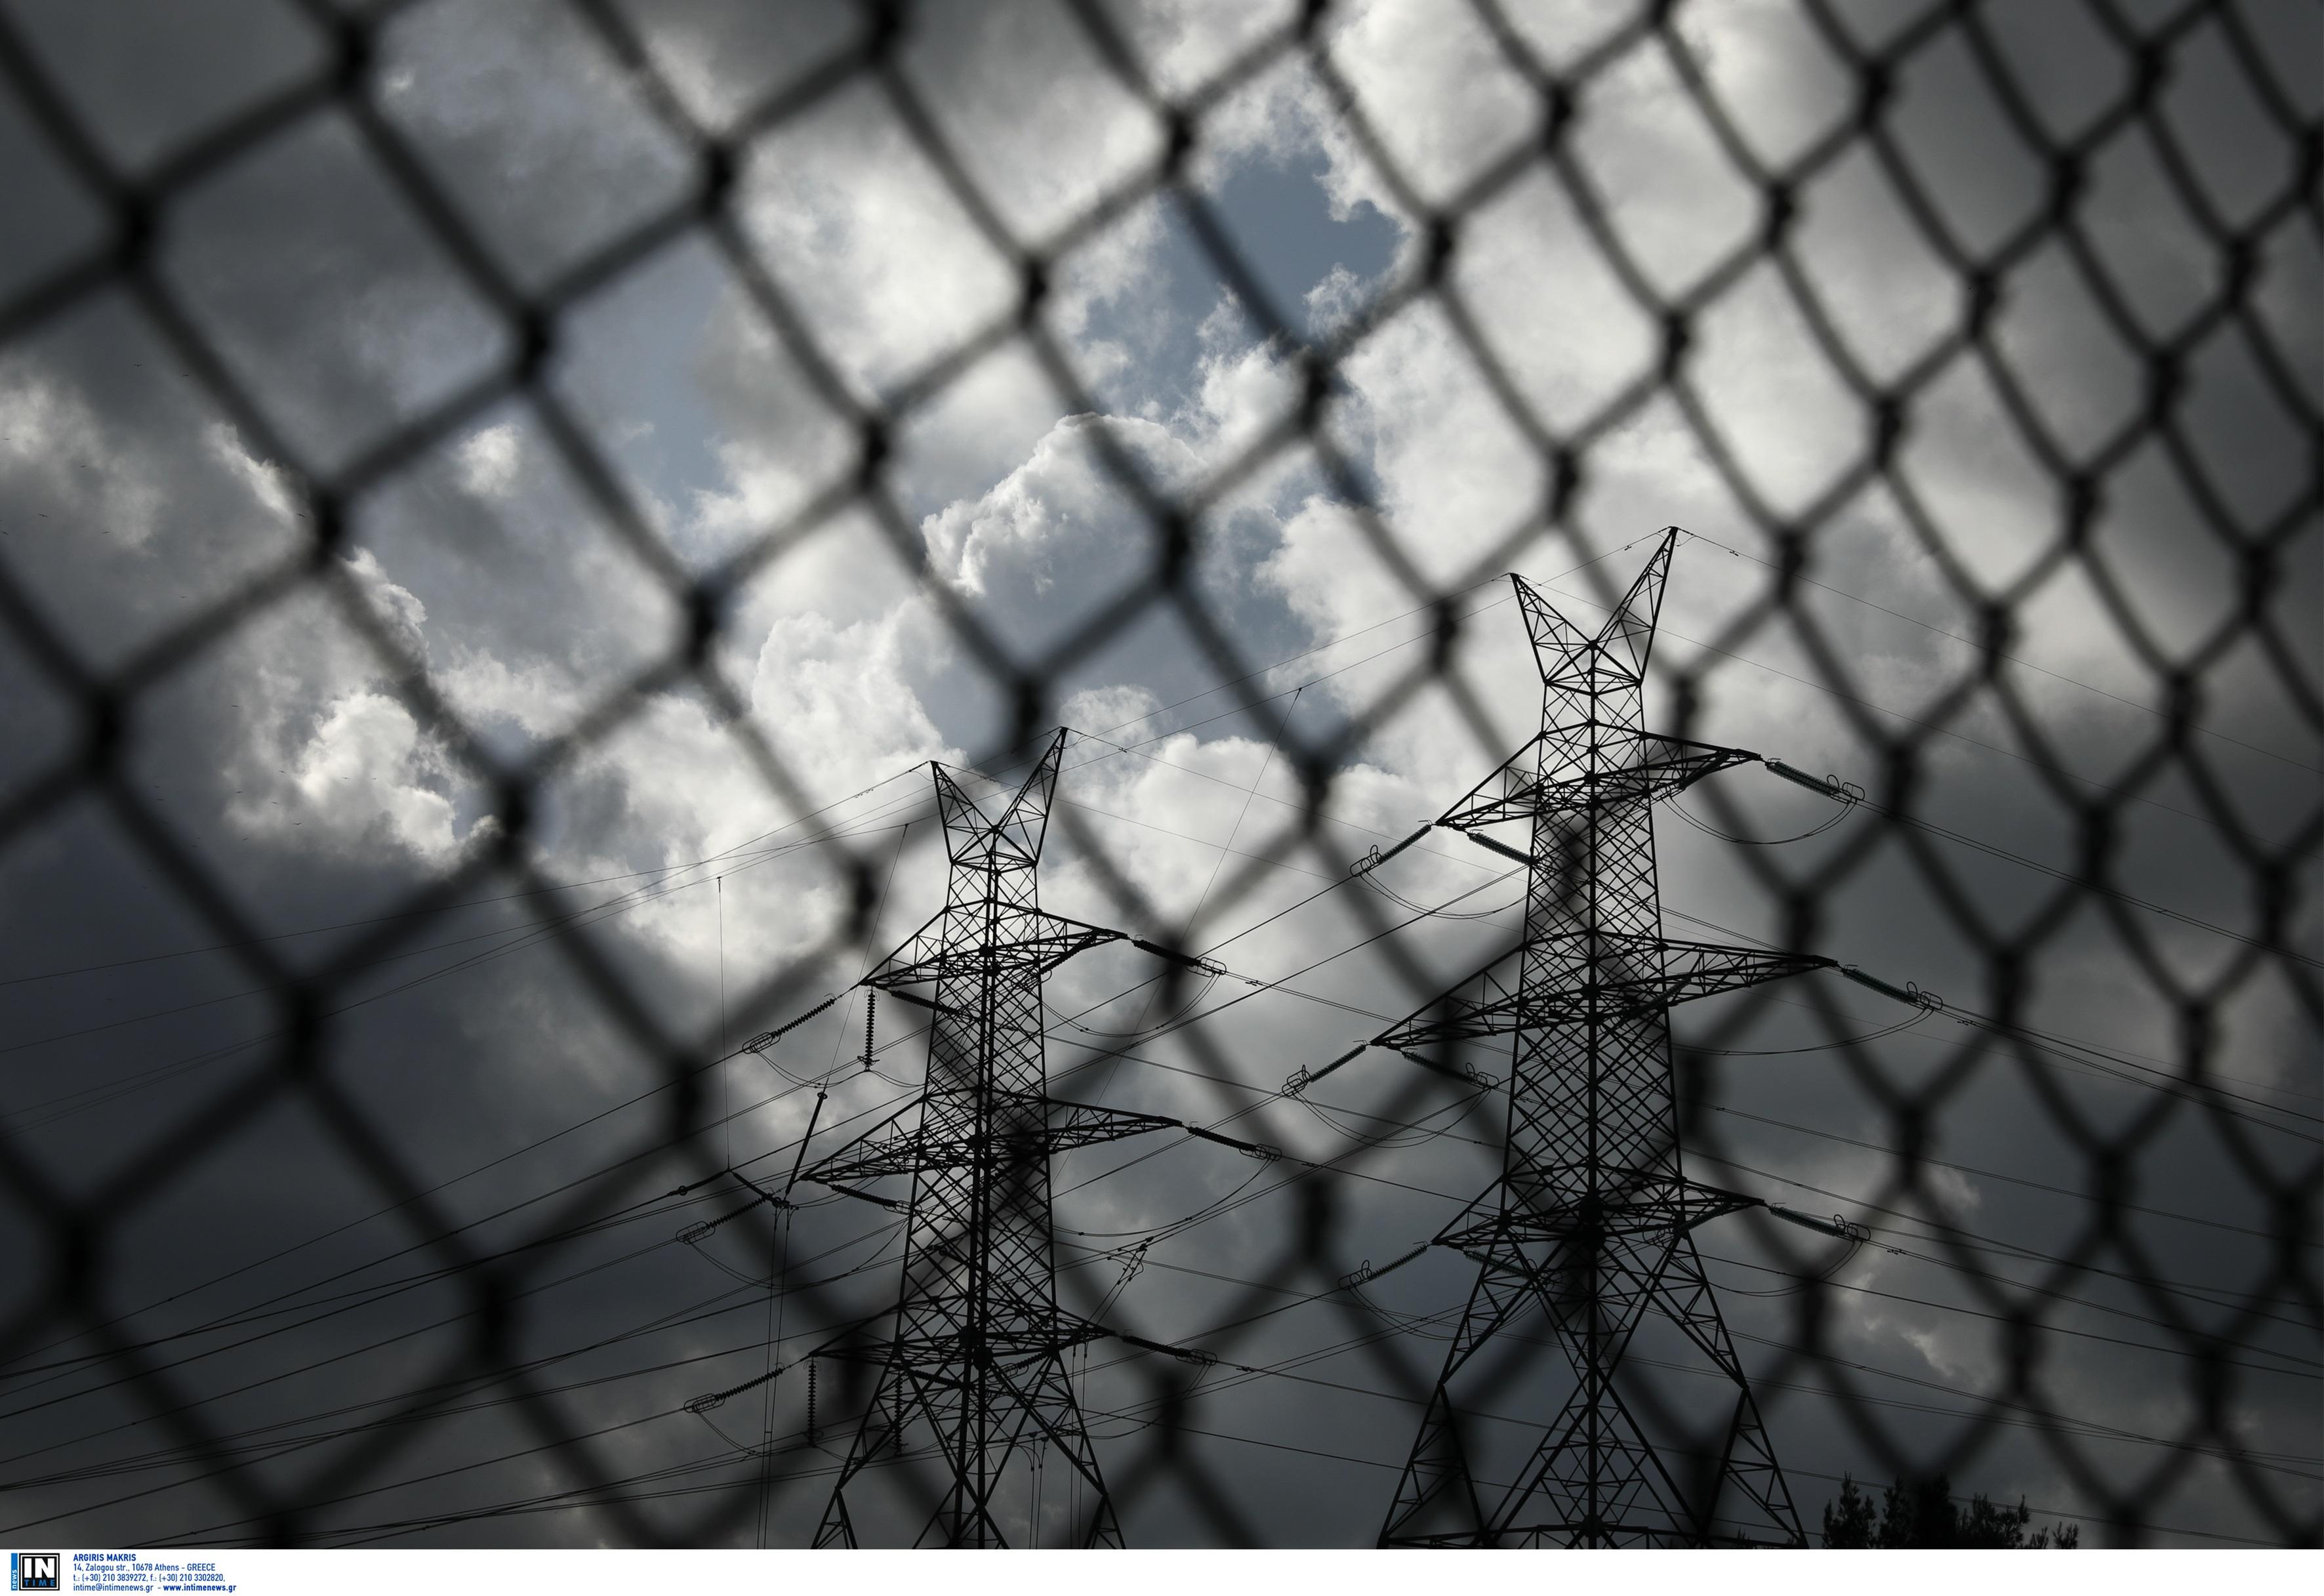 ΥΠΕΝ: Στις περιπτώσεις που γίνεται «λάθος» με αποκοπές ρεύματος θα «διορθώνεται»